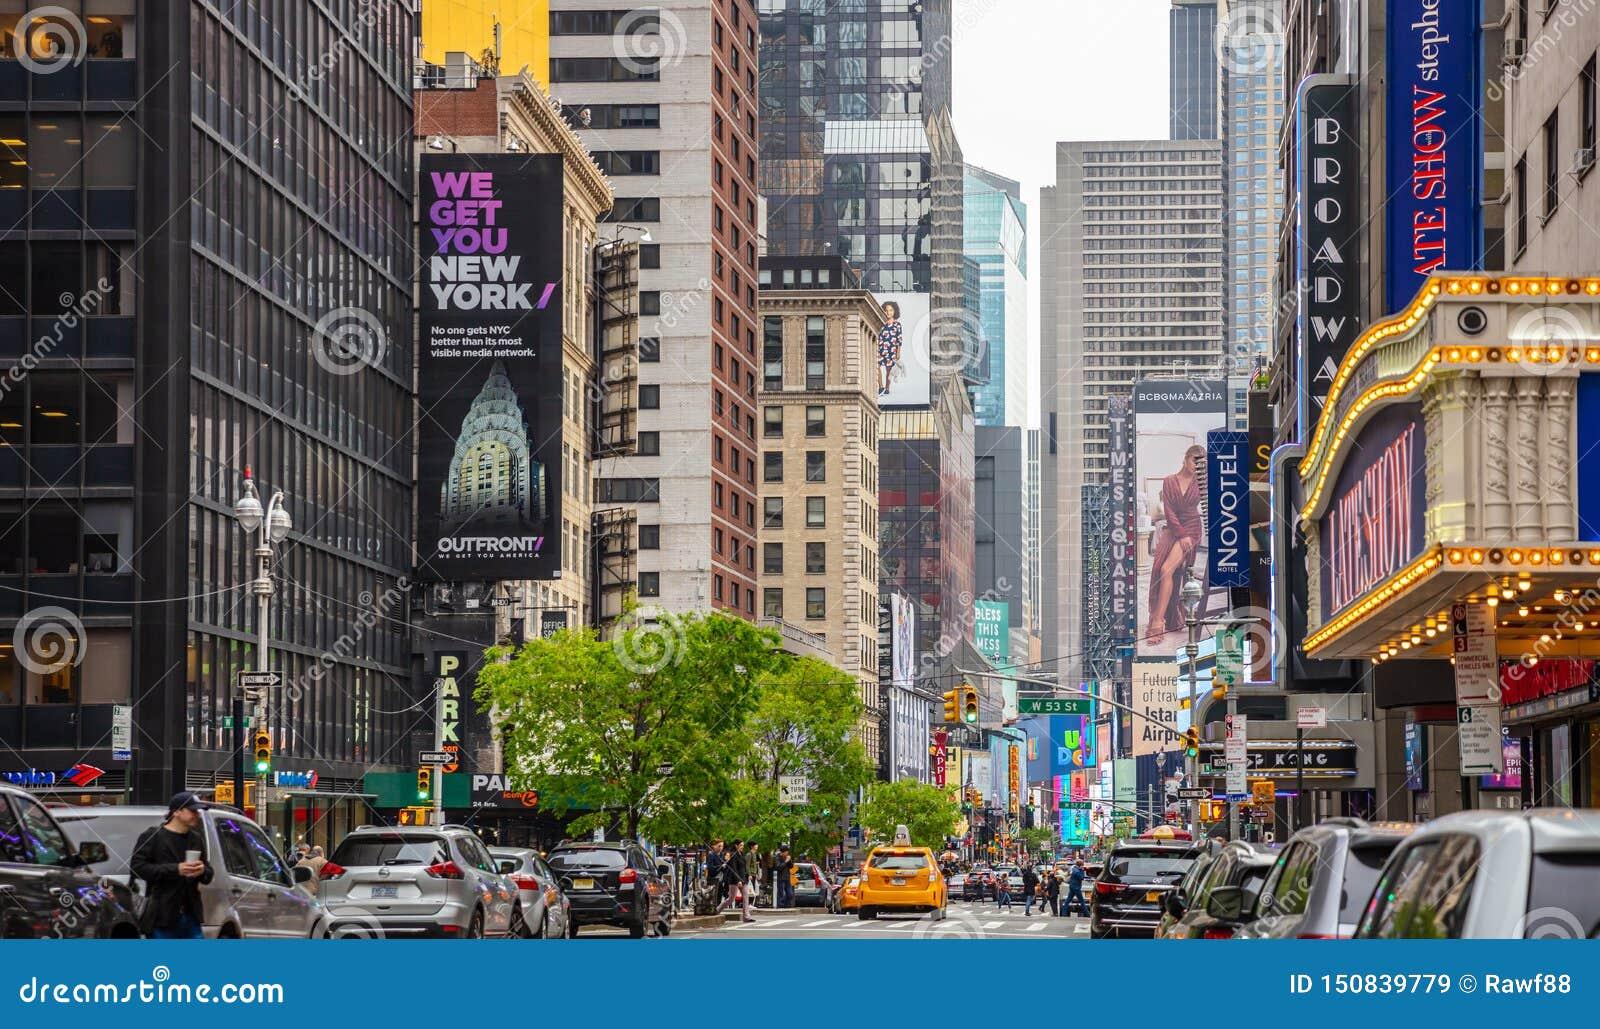 New York, Rues De Broadway Hauts Bâtiments, Lampes Au Néon